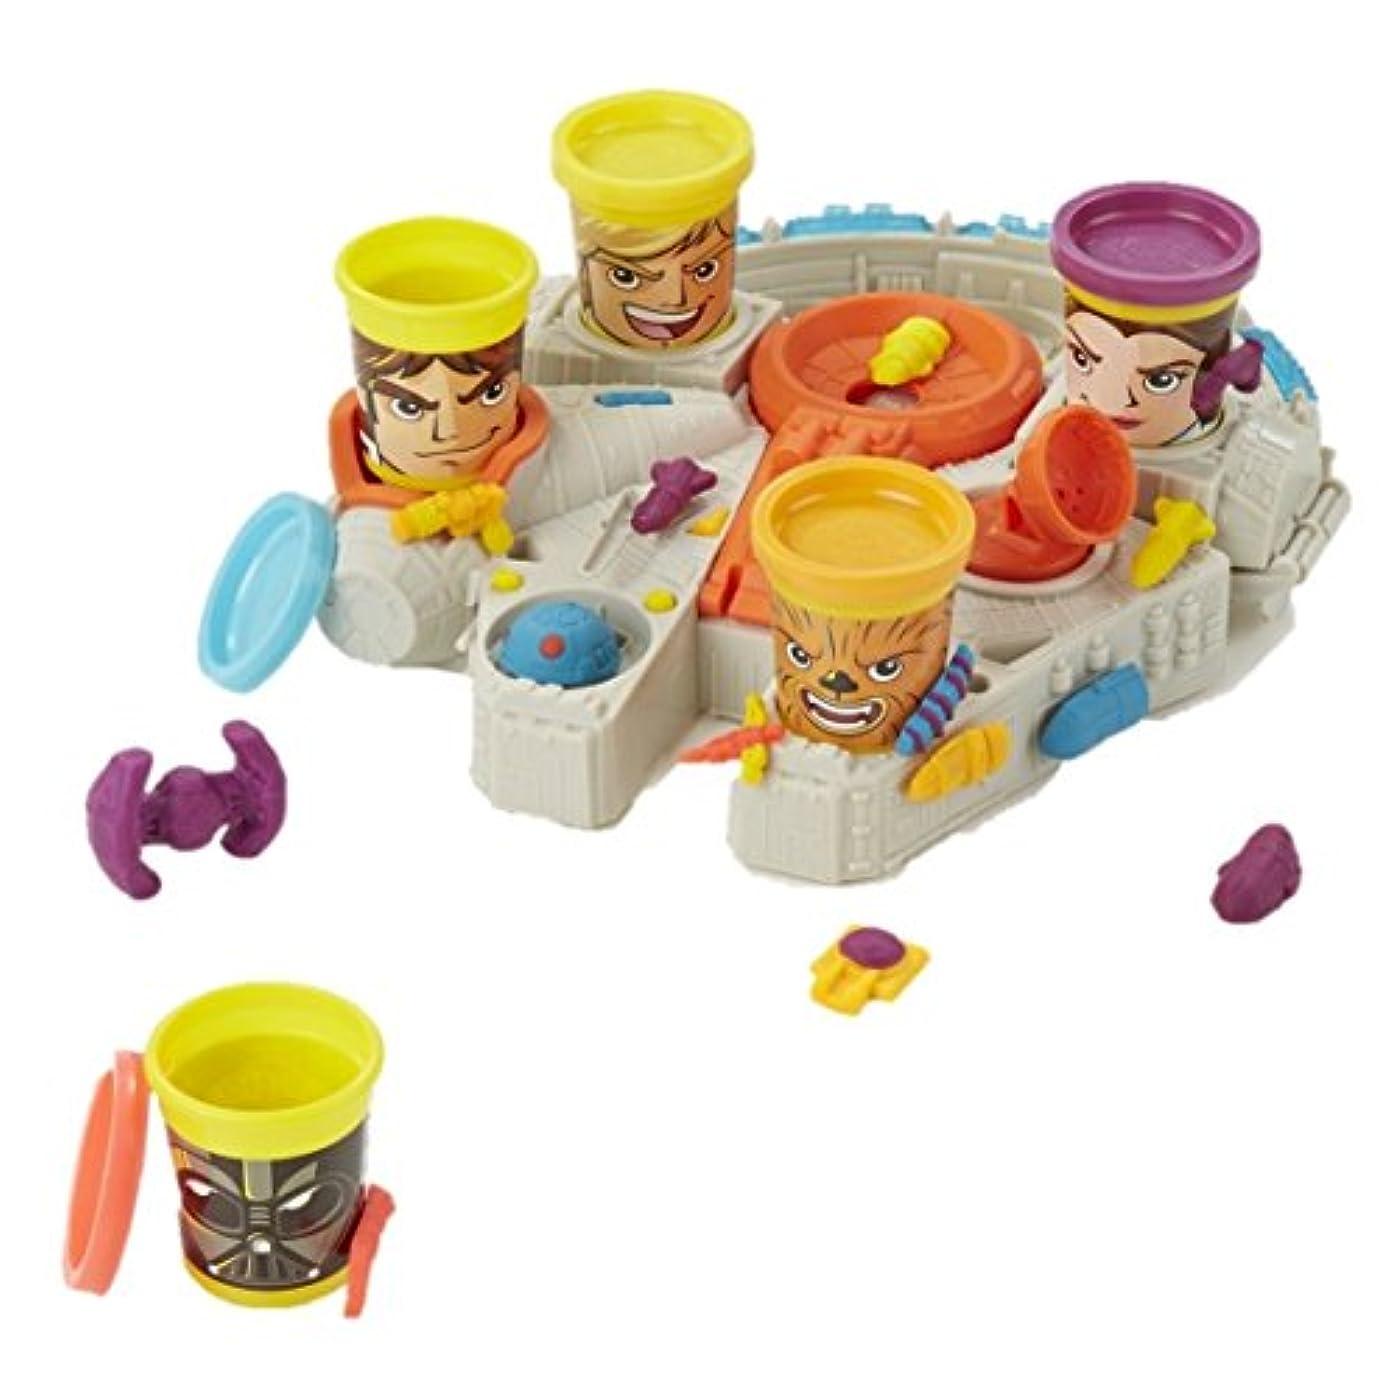 Play-Doh スターウォーズ ミレニアム?ファルコン 缶ヘッド付き (リニュー)